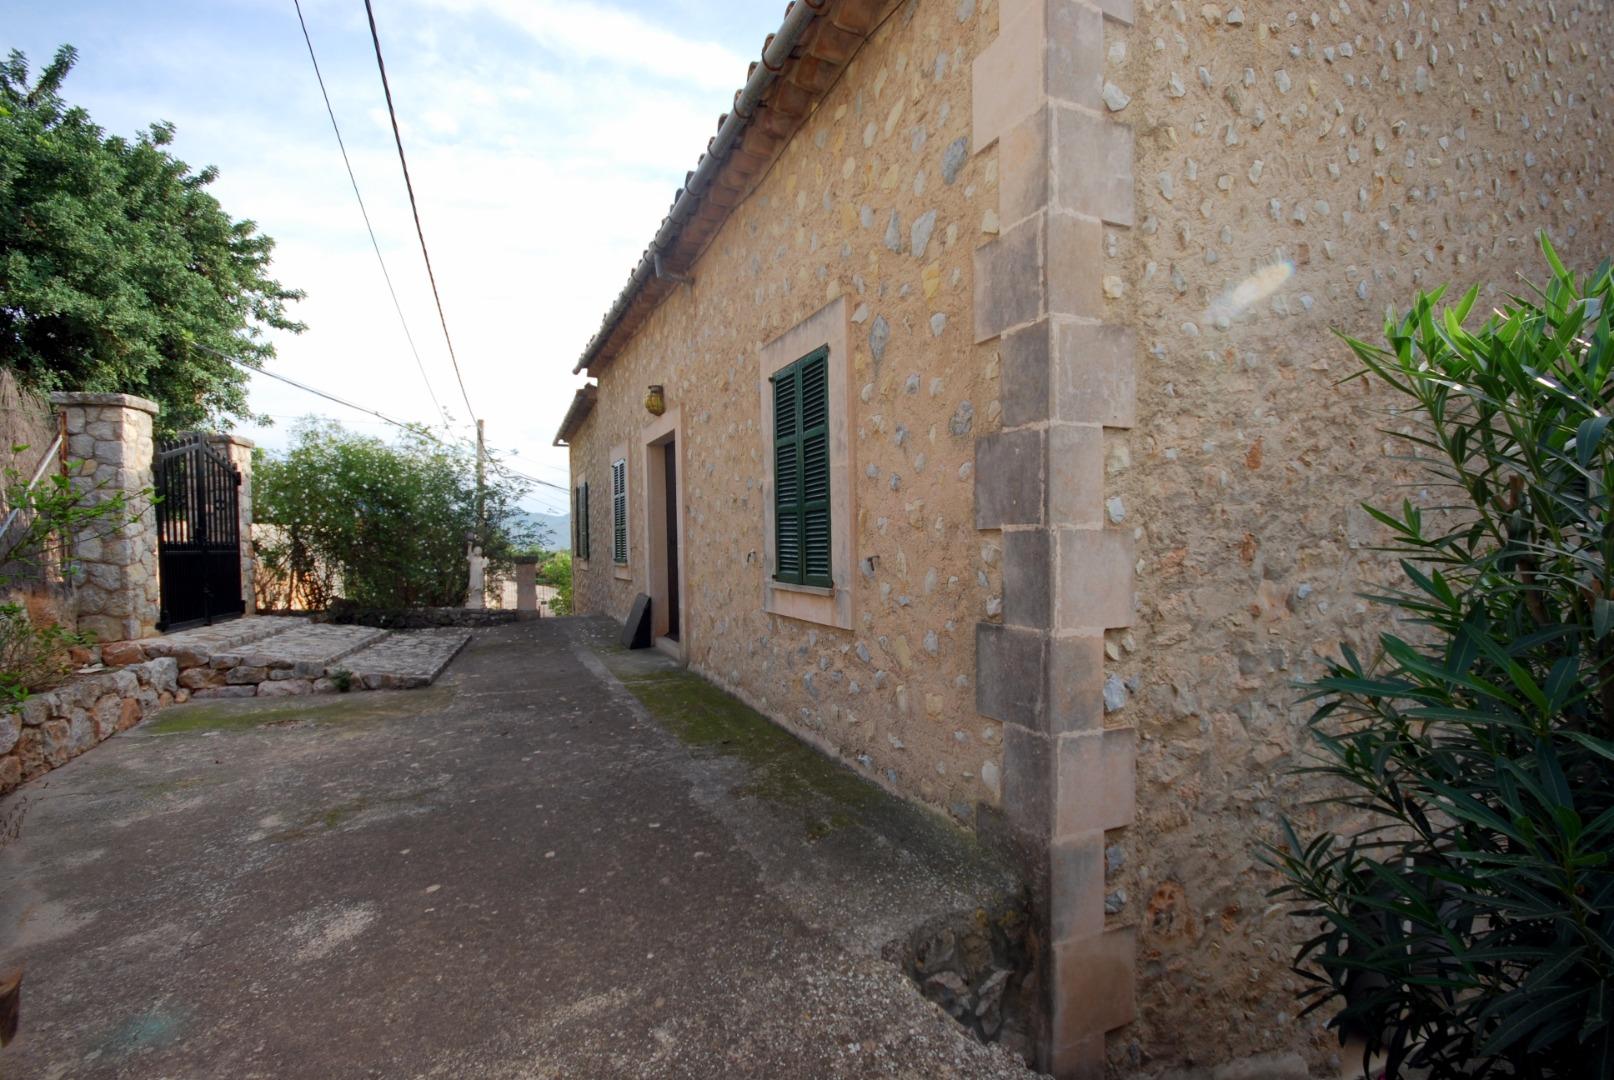 Casa mallorquina con carácter en el encantador y pequeño pueblo de Alaró